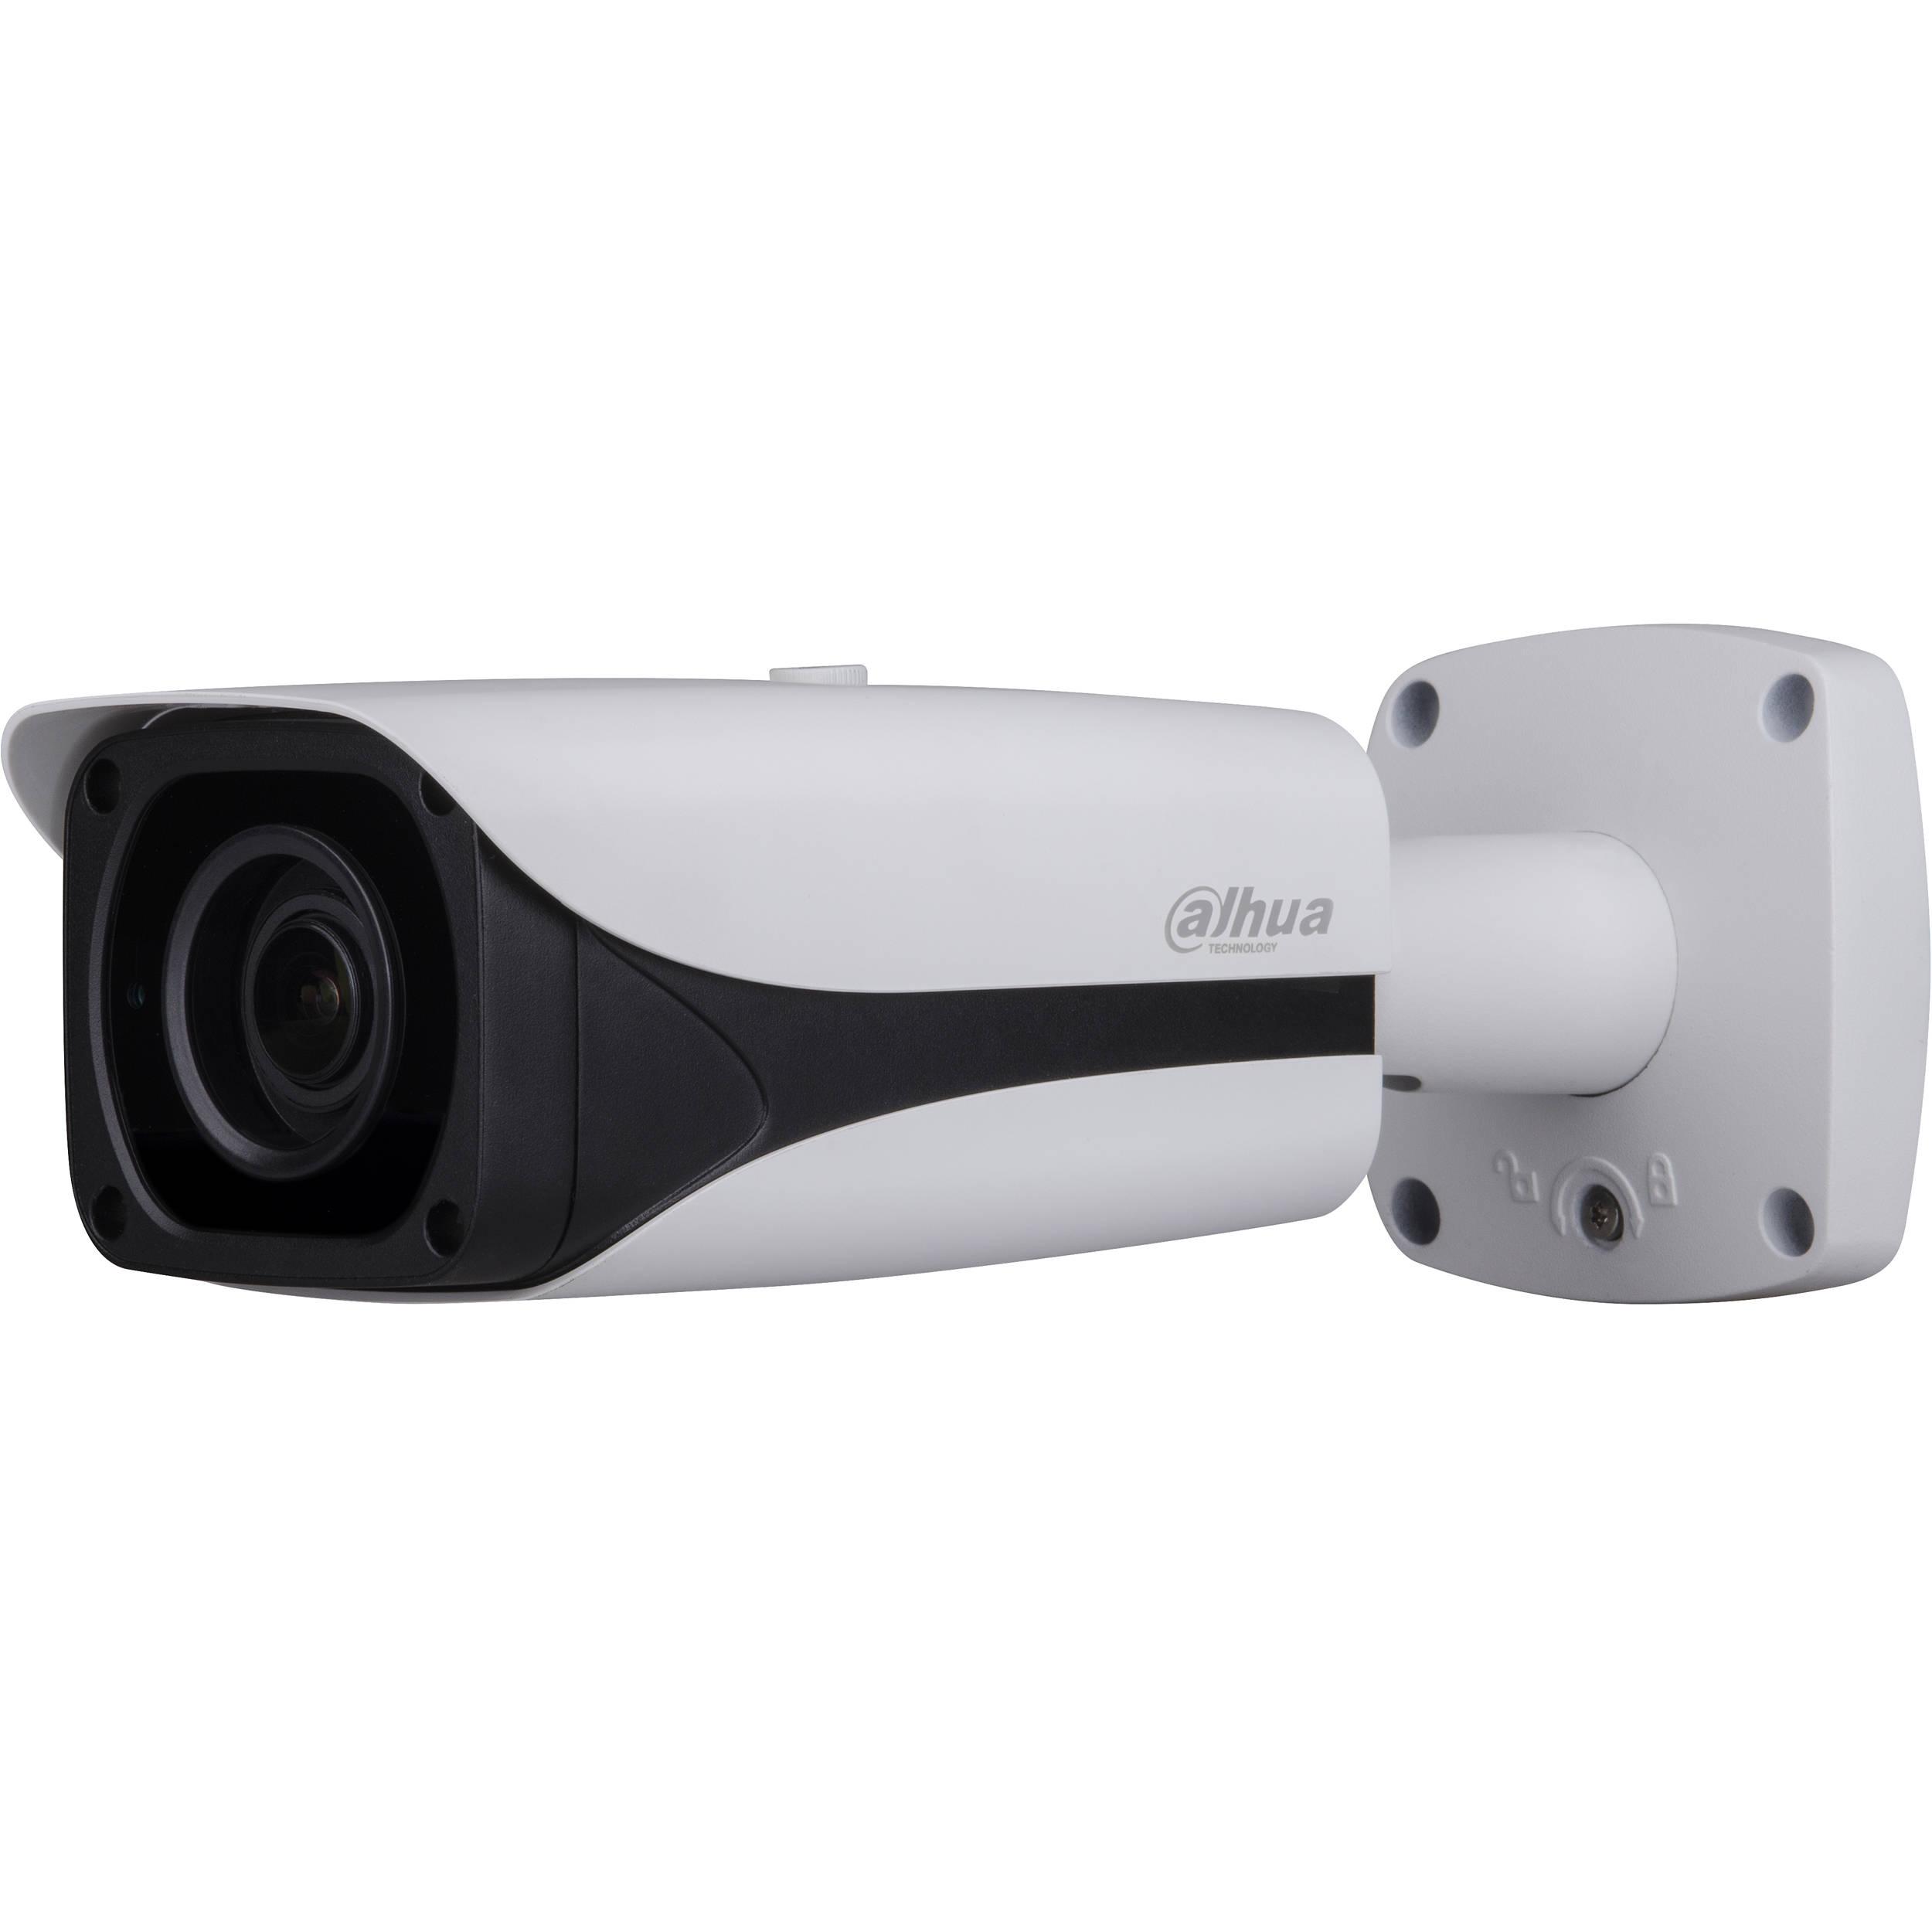 IP камера Dahua DH-IPC-HDW1220SP-0280B